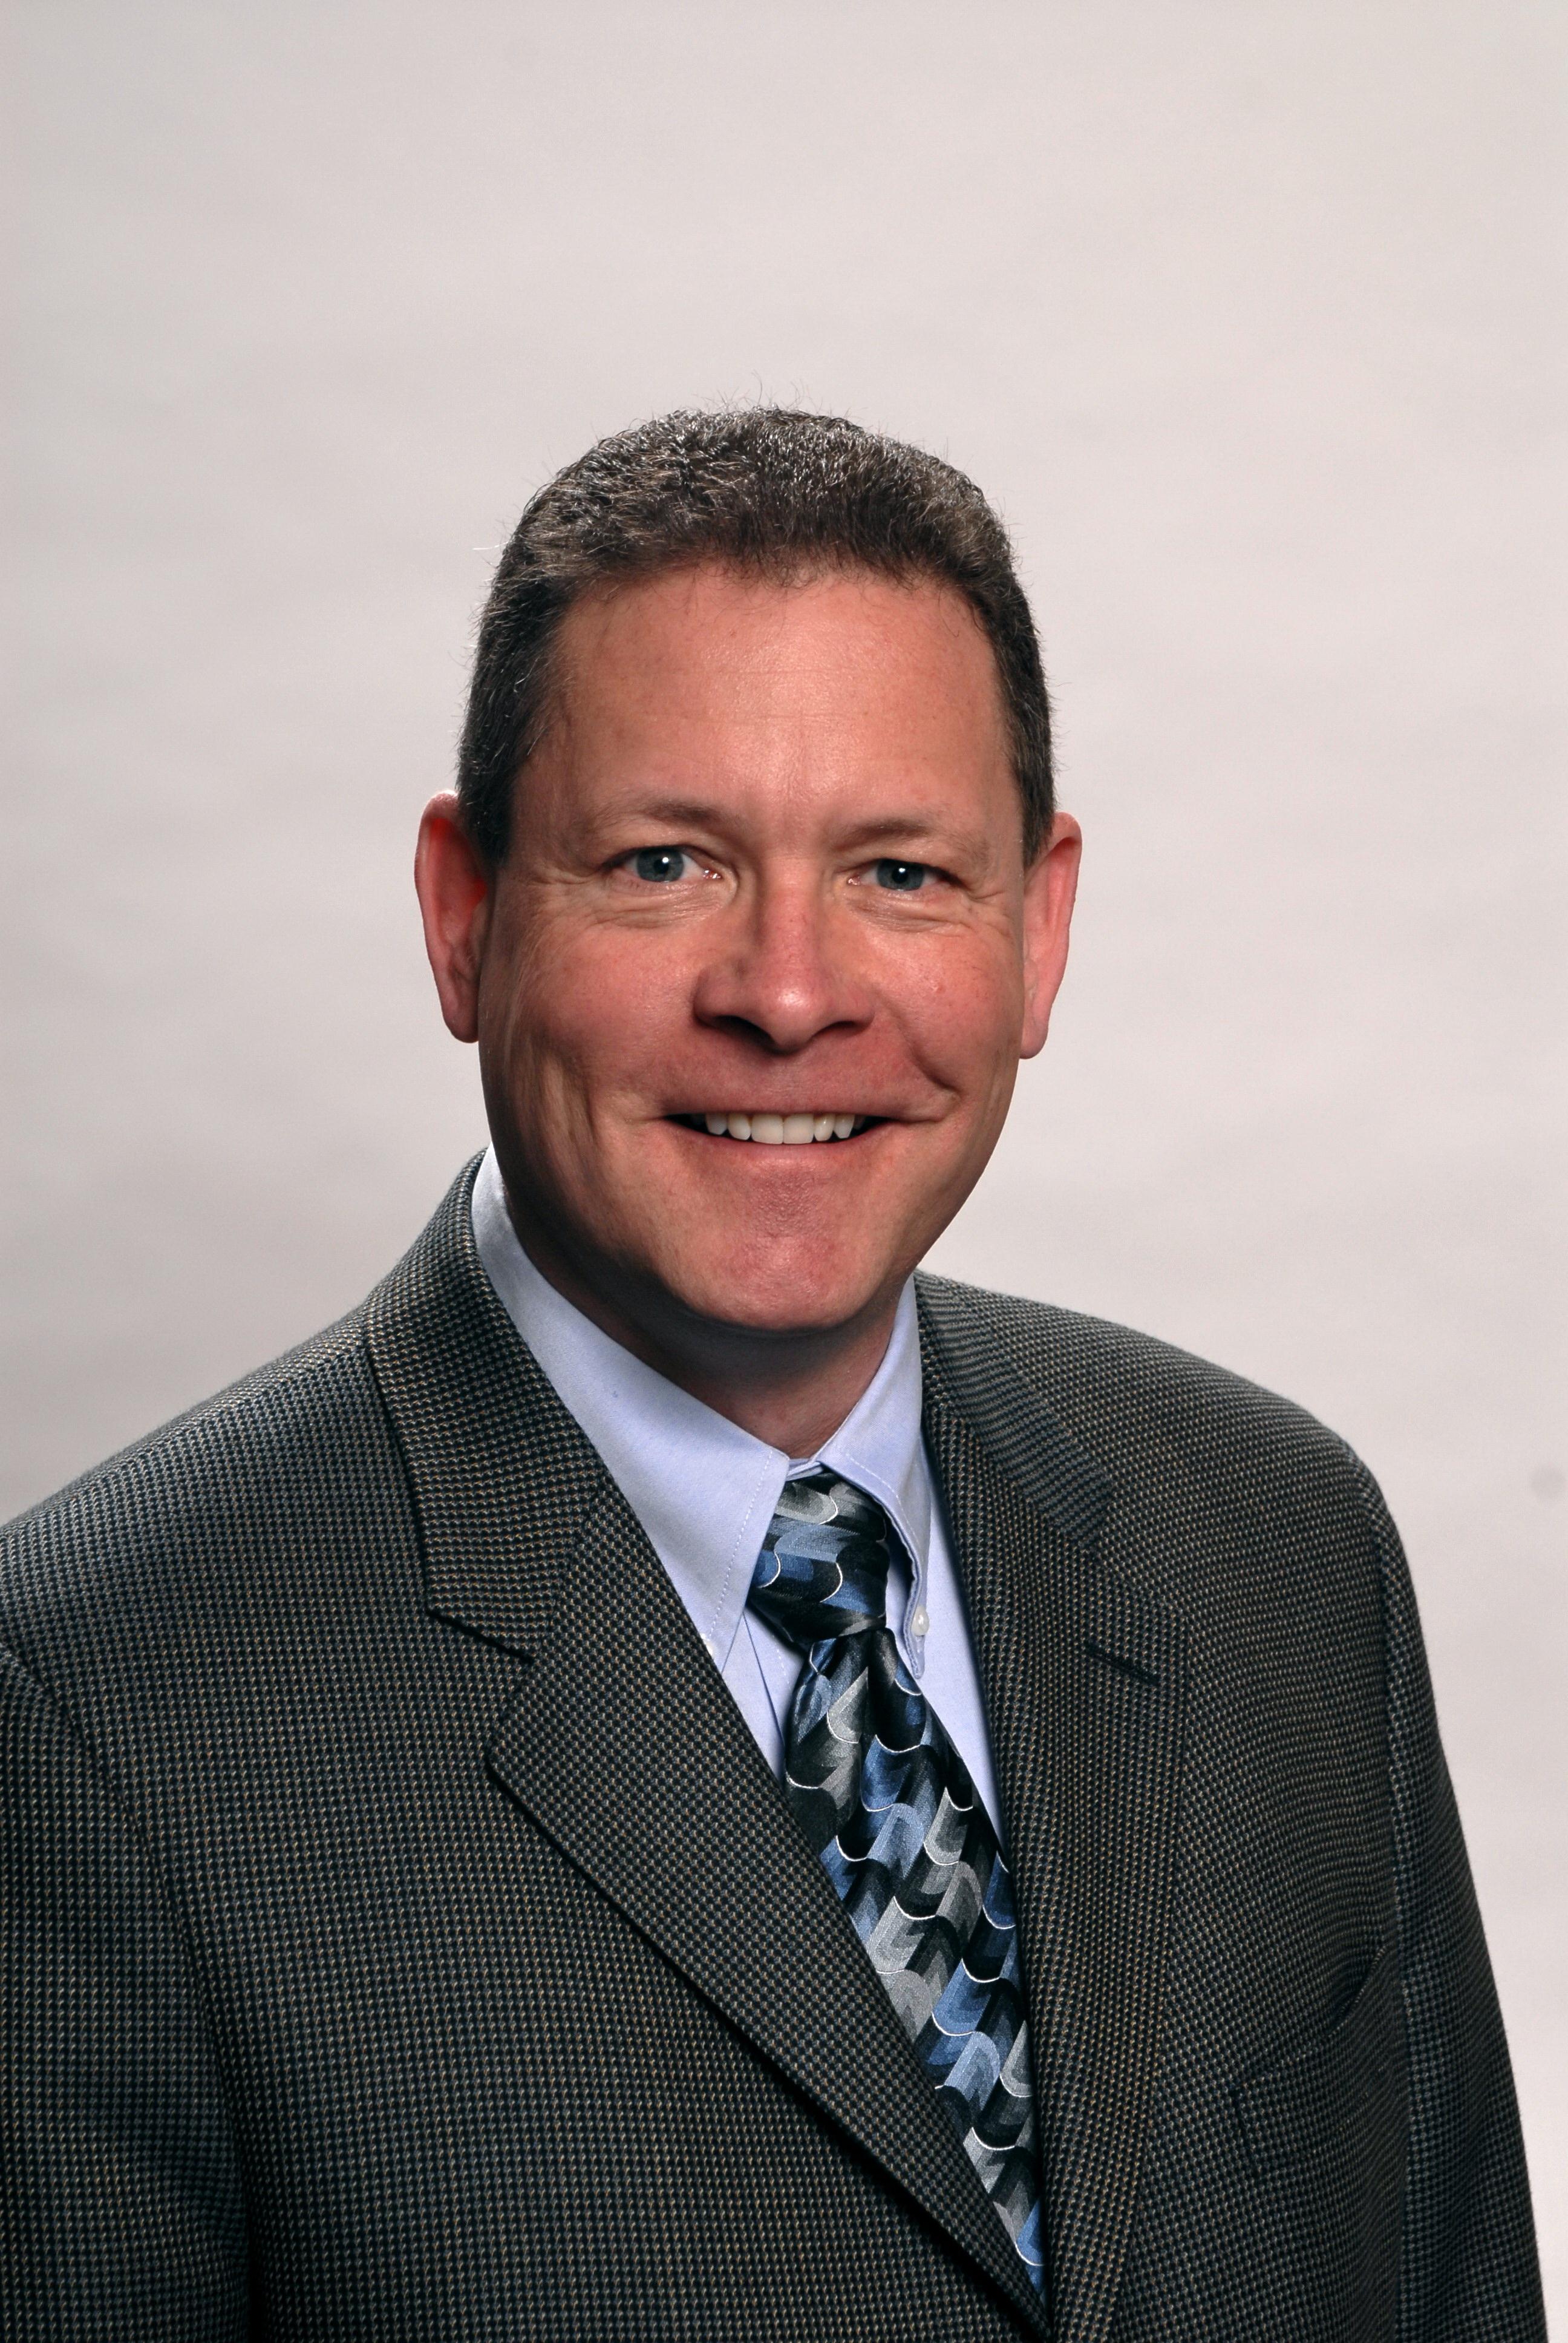 Kevin Gillick, executive director of GlobalPlatform